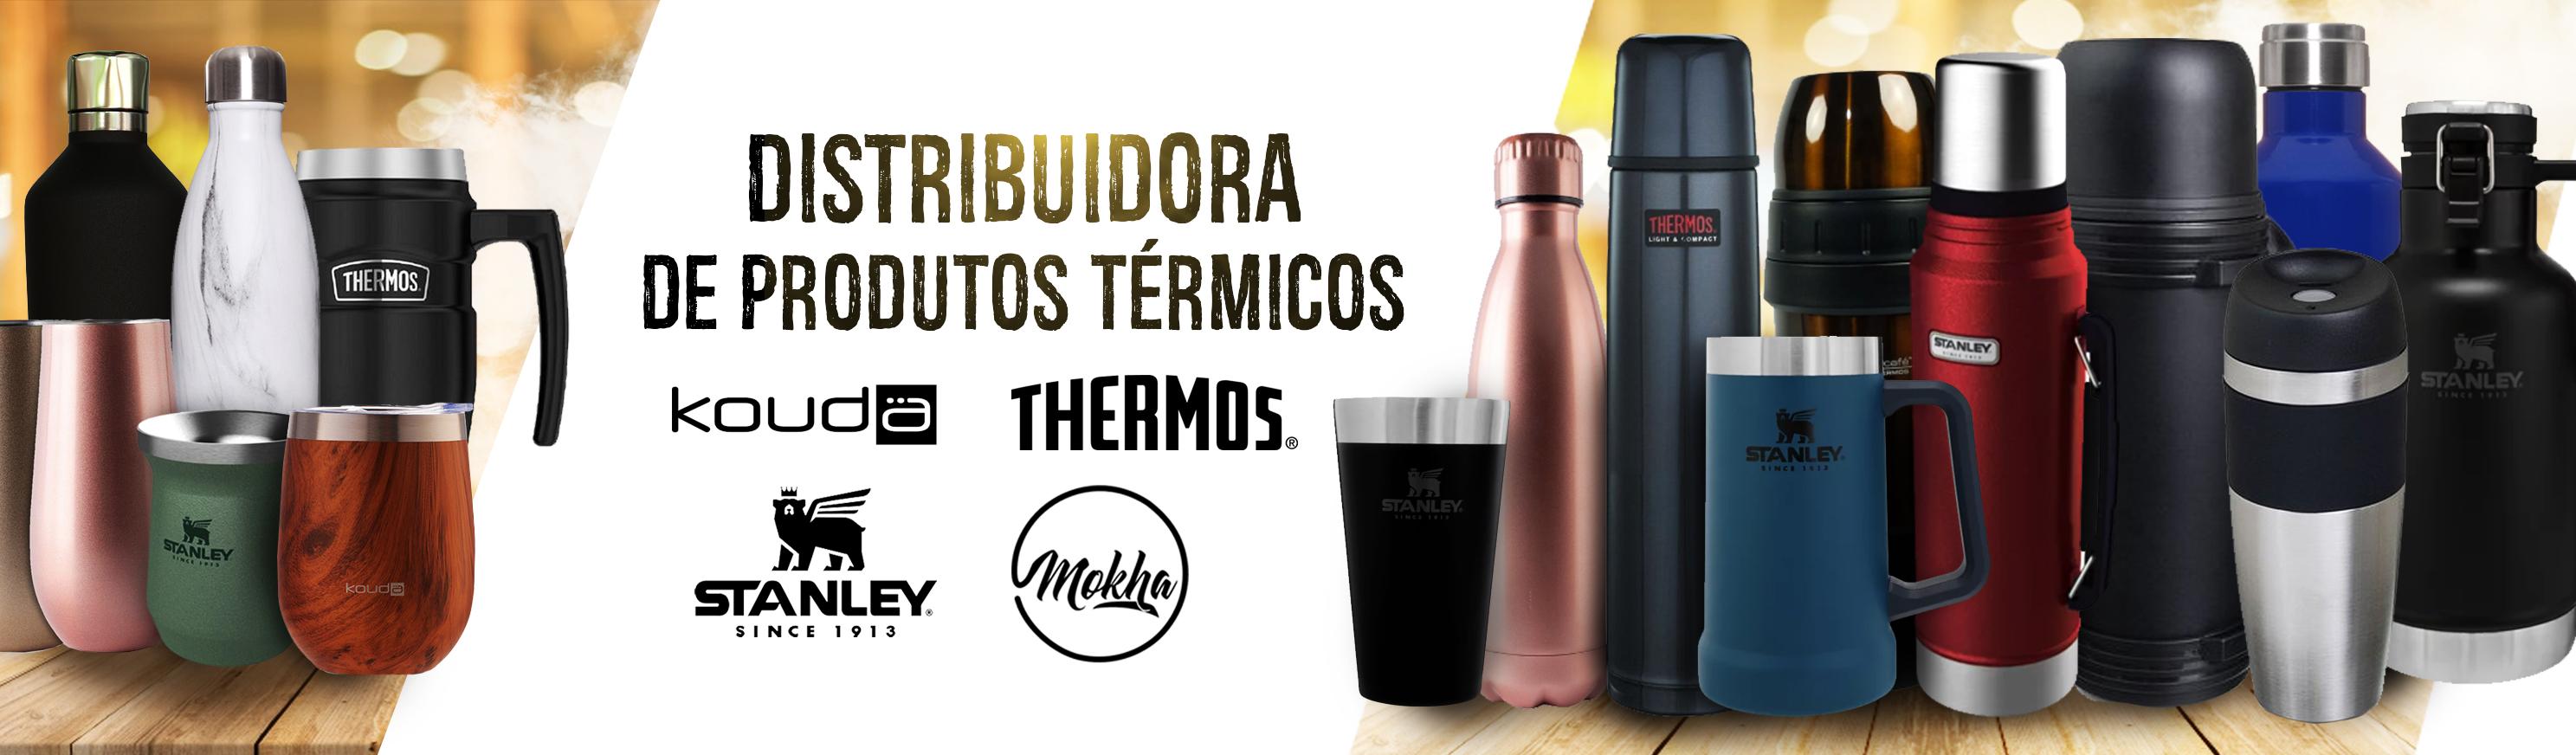 distribuidor-atacado-garrafa-termica-copo-termico-stanley-thermos-kouda